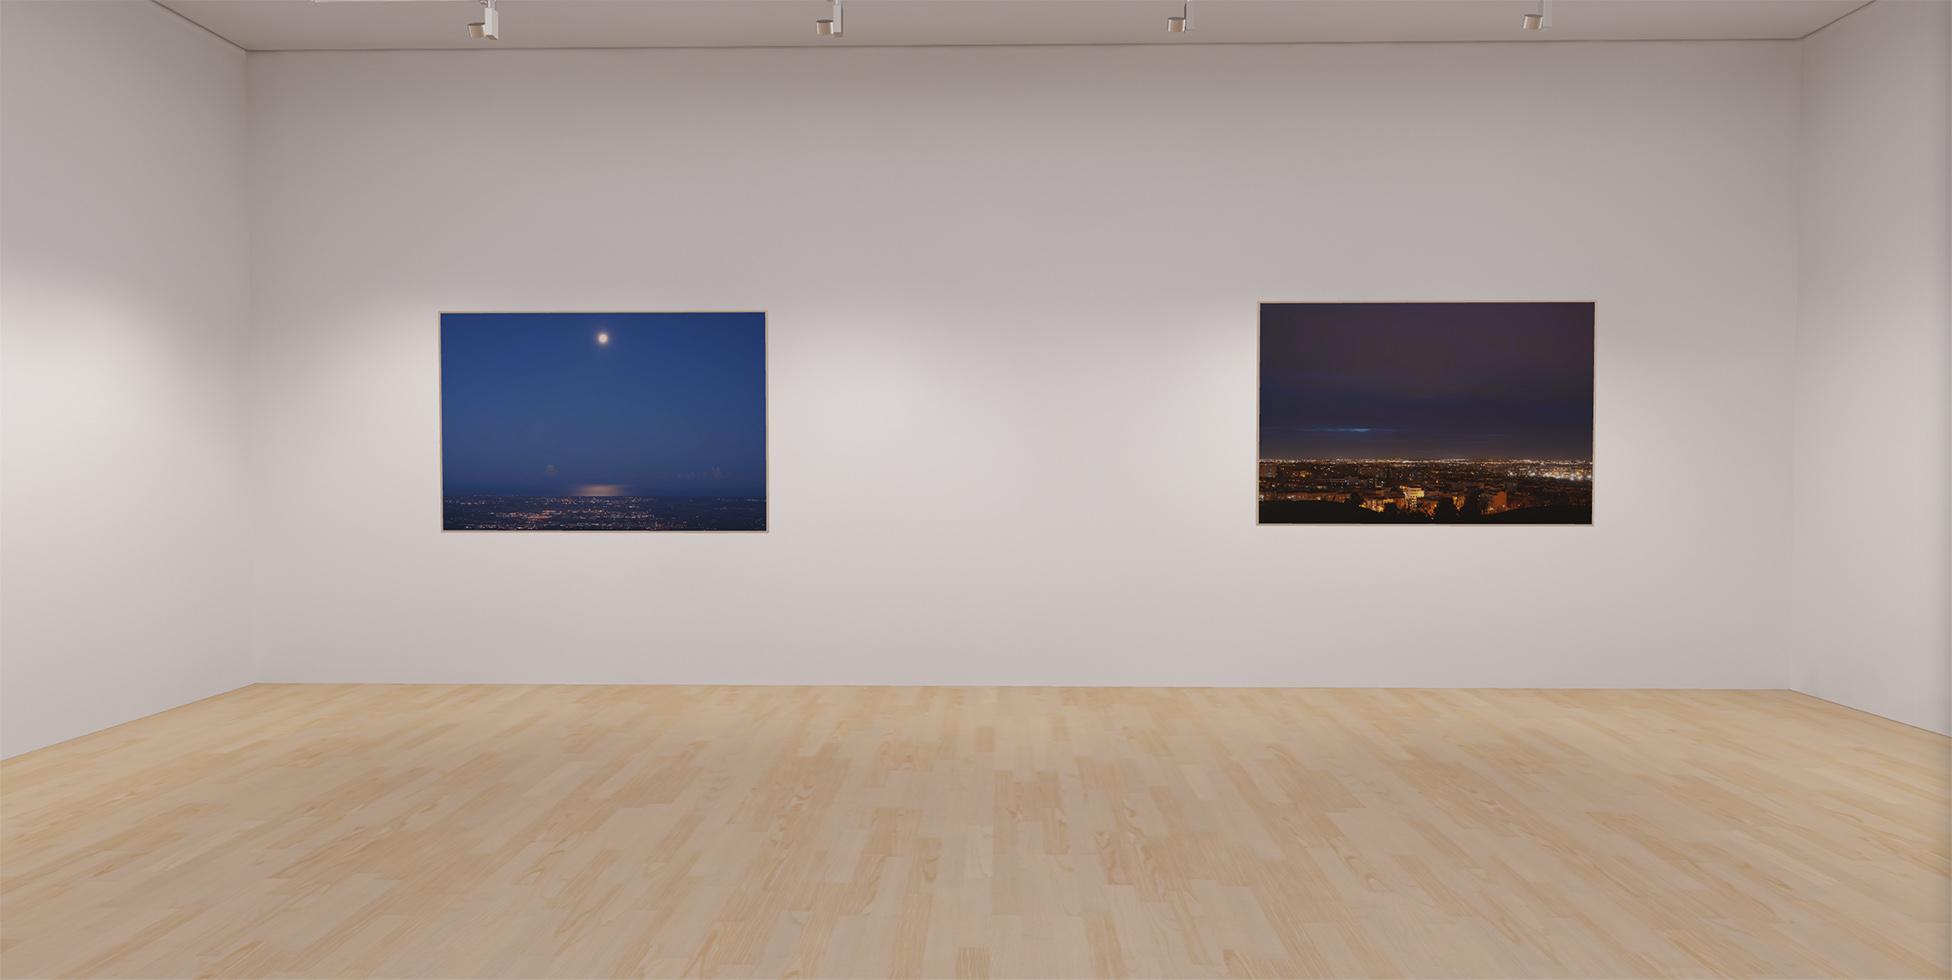 Suwon Lee: Landscapes & Self-Portraits